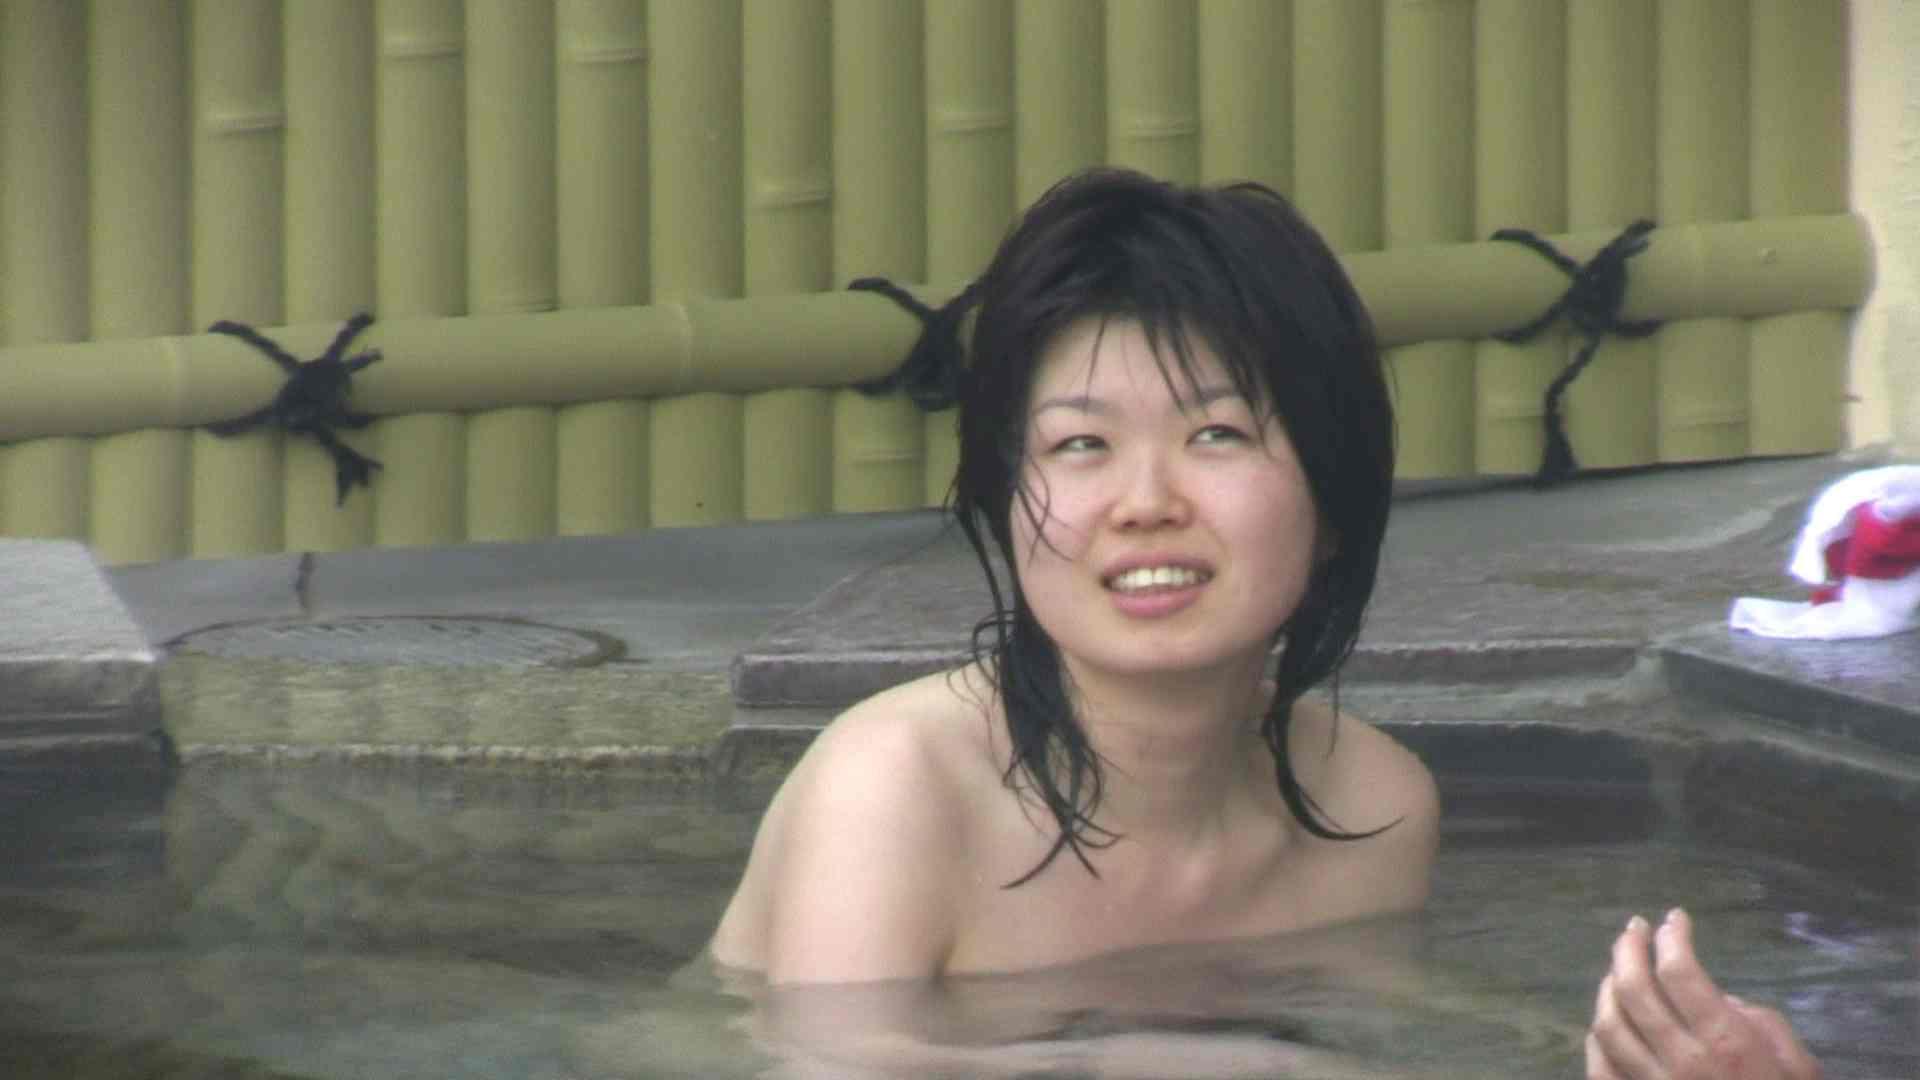 Aquaな露天風呂Vol.677 美しいOLの裸体  96pic 45